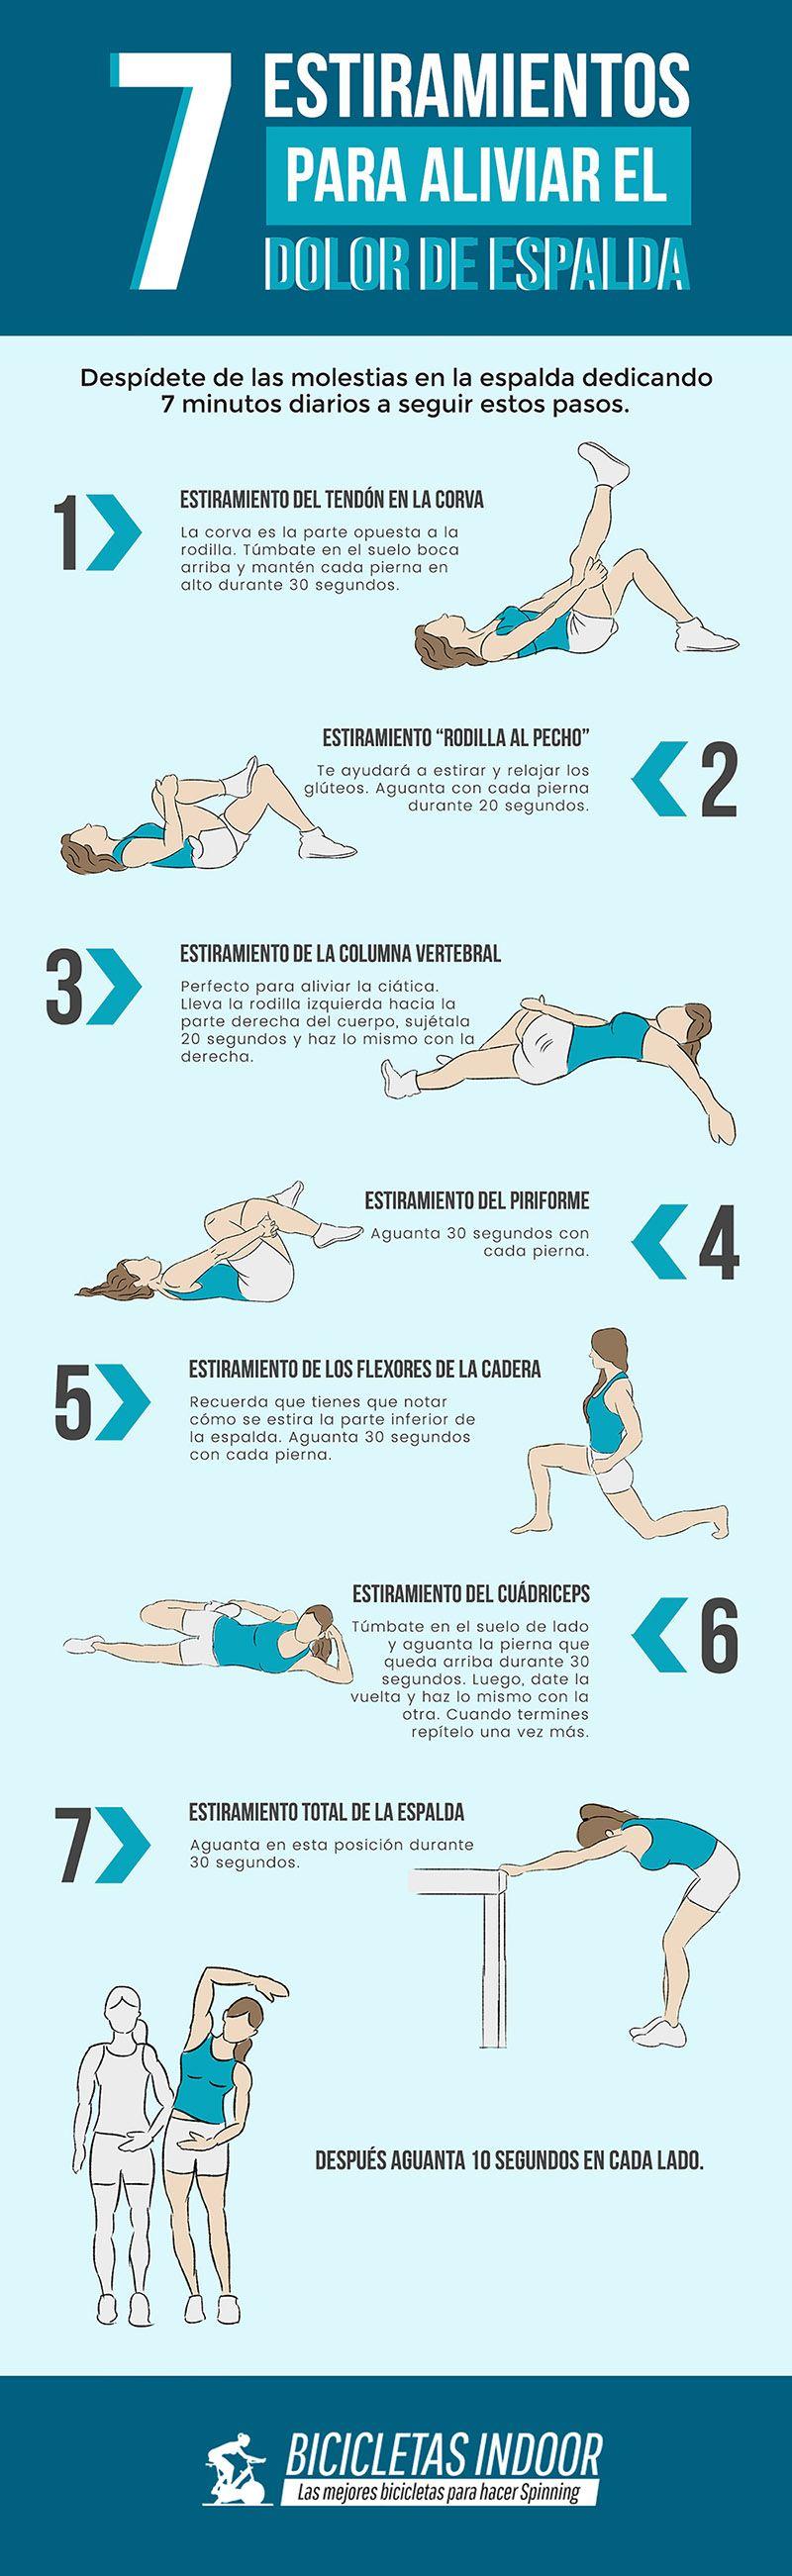 5 maneras de luchar dolor detras de la rodilla en reposo